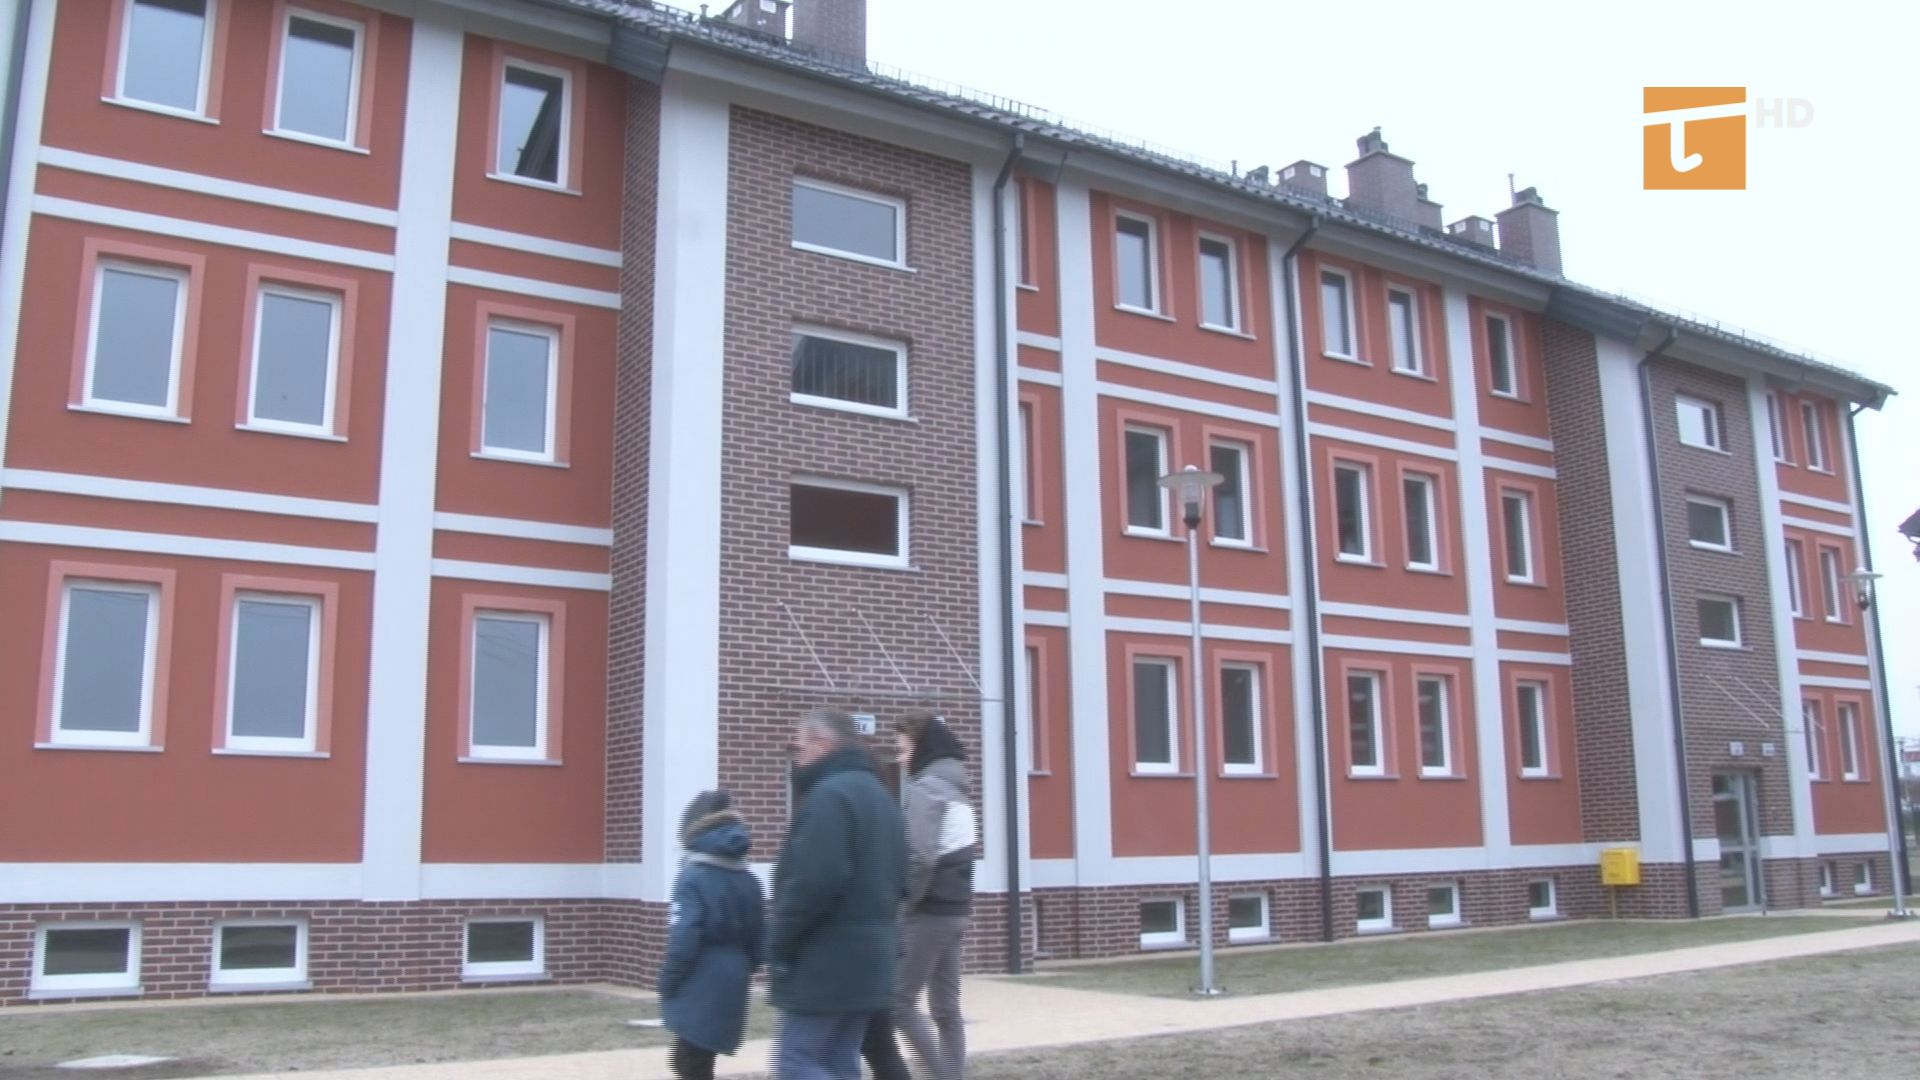 Kilkadziesiąt rodzin cieszy się z otrzymanych mieszkań komunalnych przy ulicy Prostej